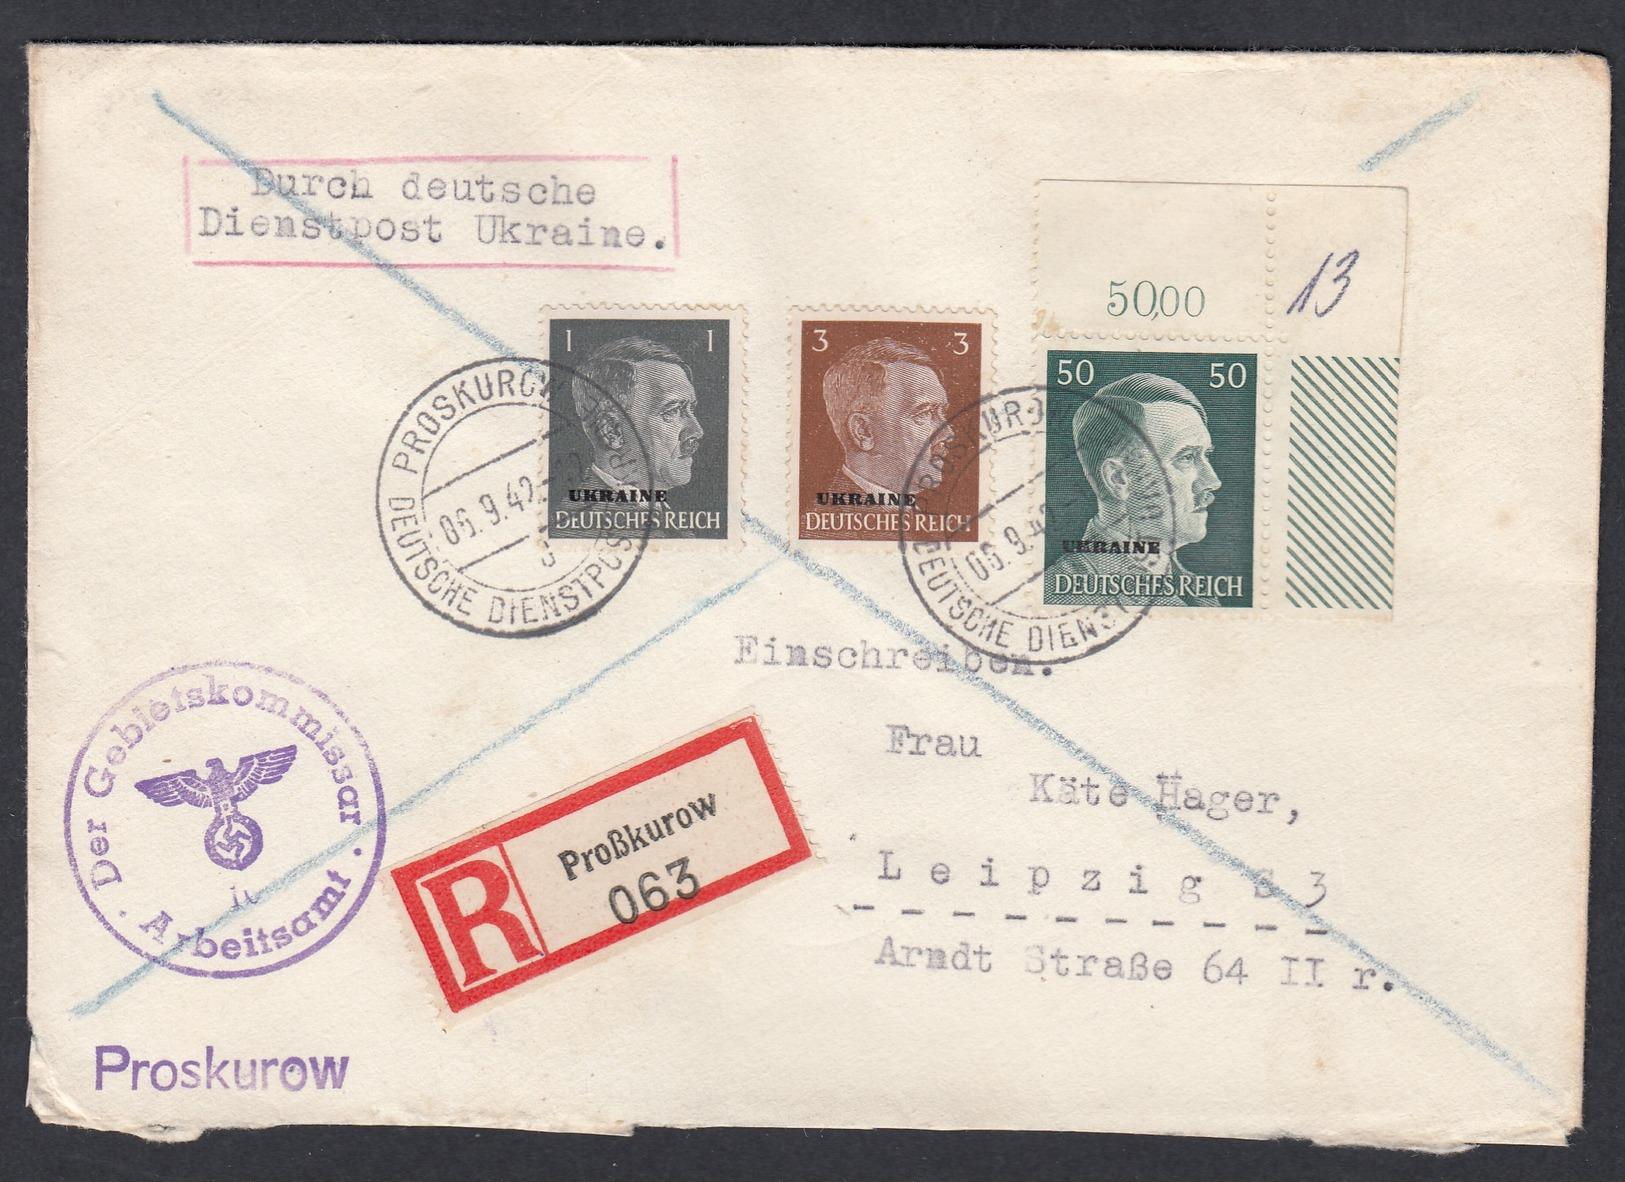 DR Deutsche Dienstpost Ukraine Einschreiben MiF Eckrandstück Bögenzähler 1942 Proskurow Nach Leipzig K700 - Dienstpost